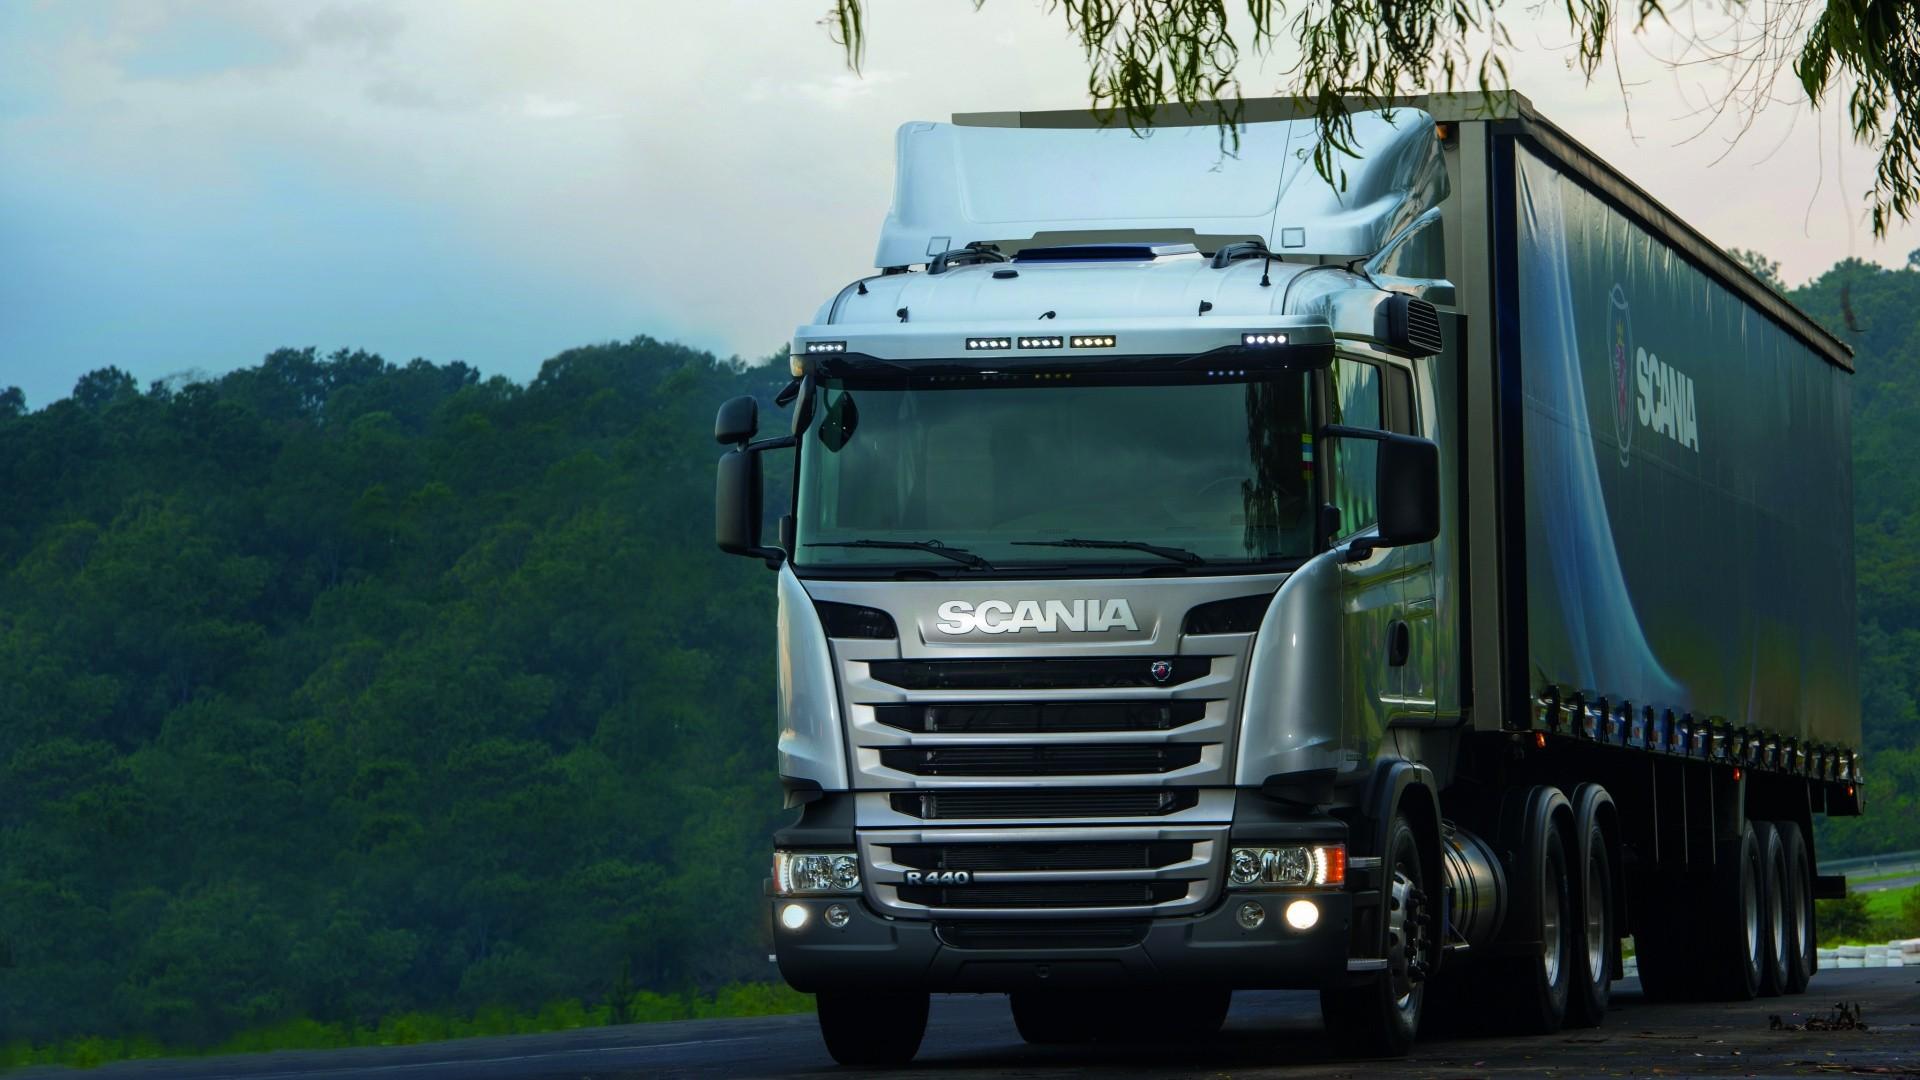 Truck a wallpaper